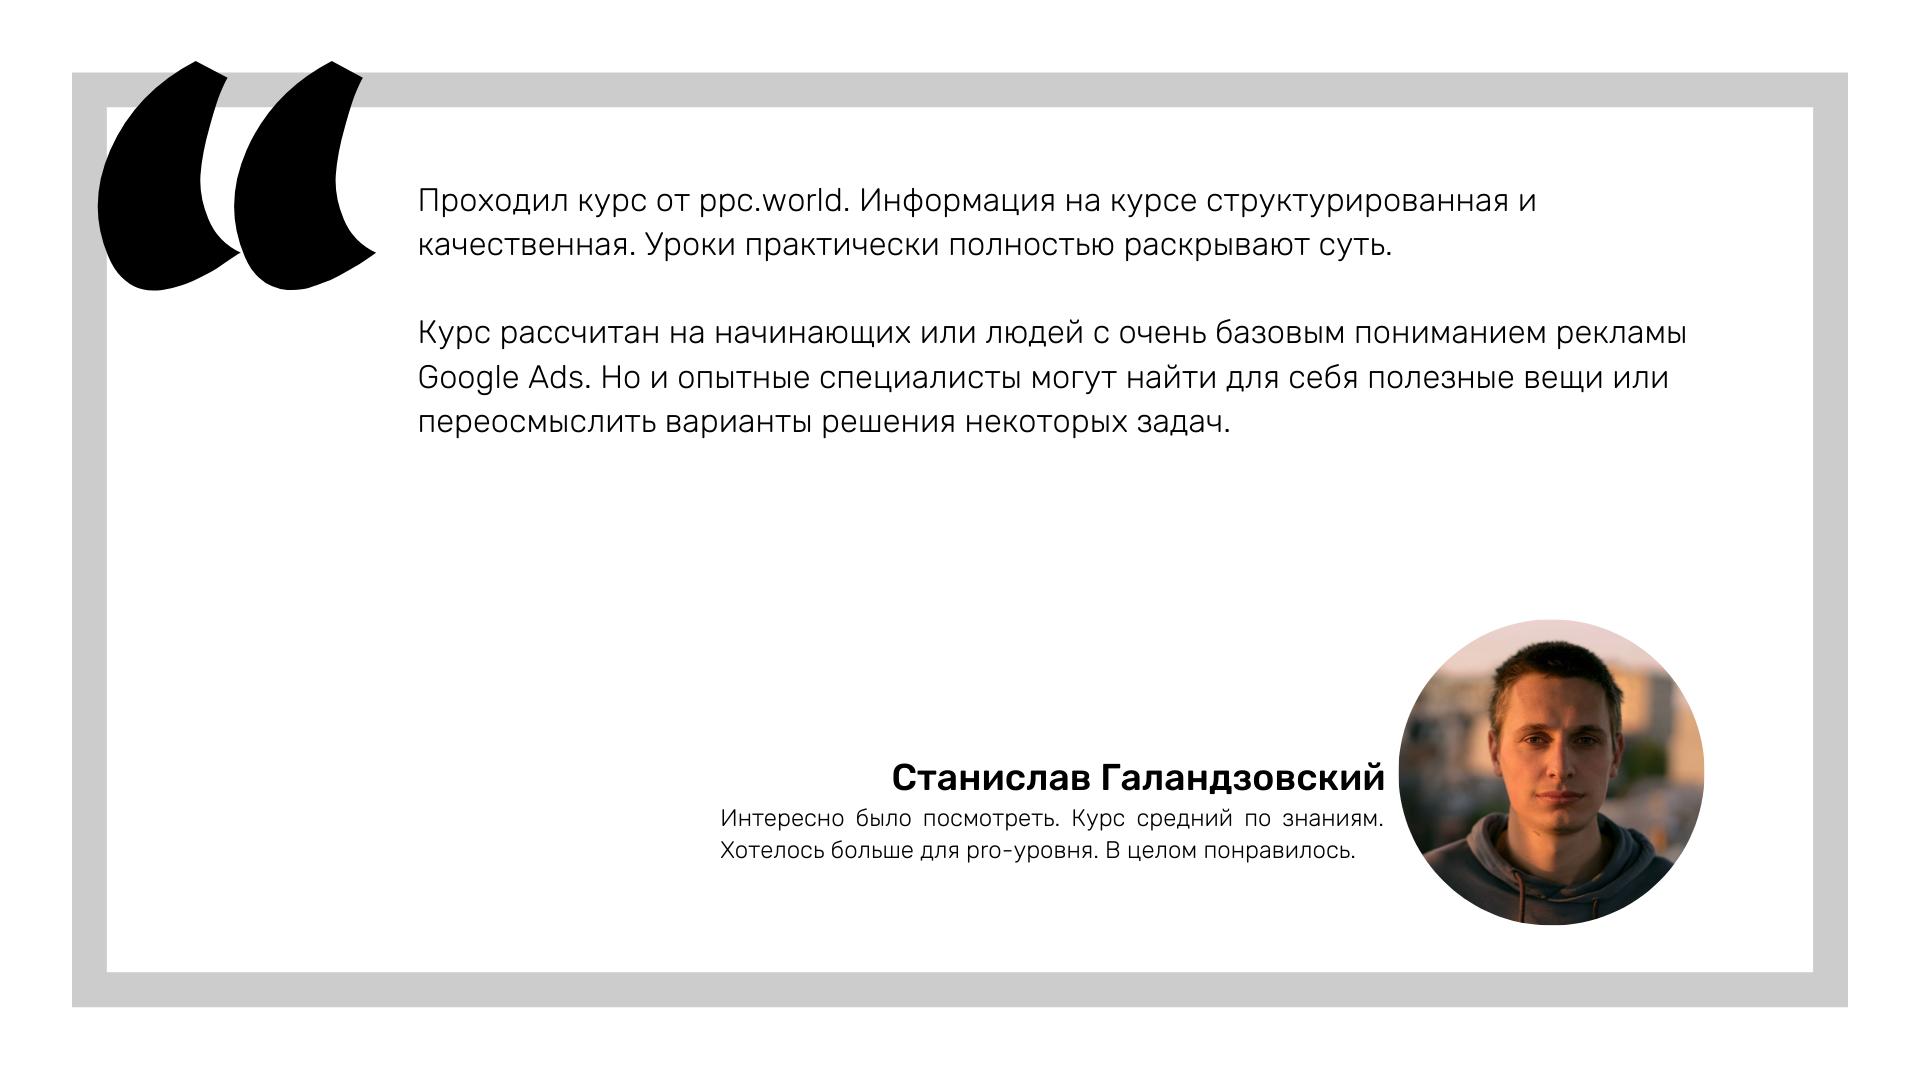 Отзыв Станислава Галандзовского